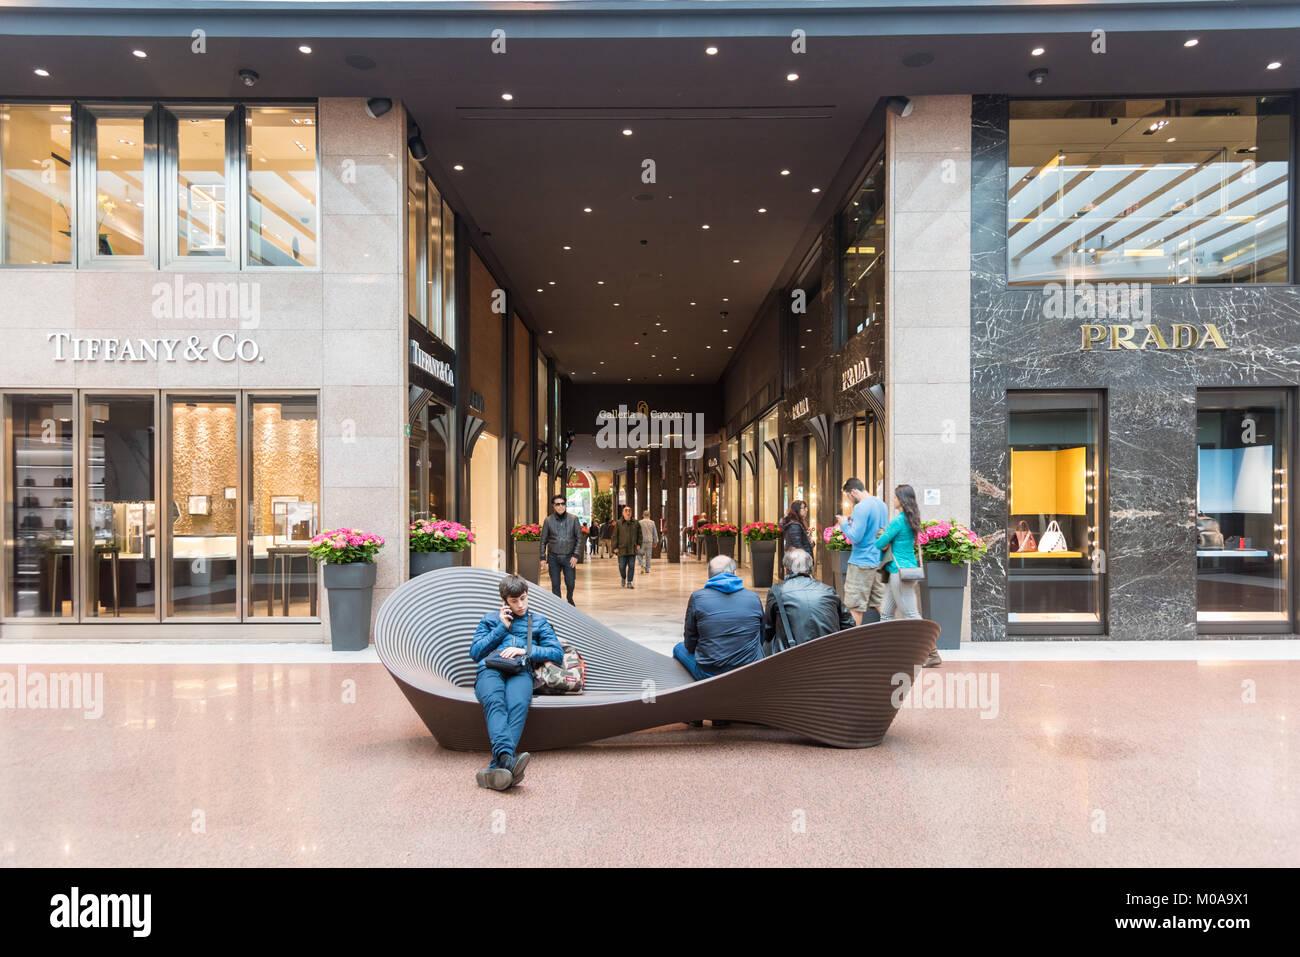 ae41270b3e7b4 Les gens dans le luxe des boutiques de la galerie marchande Galleria Cavour Italie  Bologne Photo